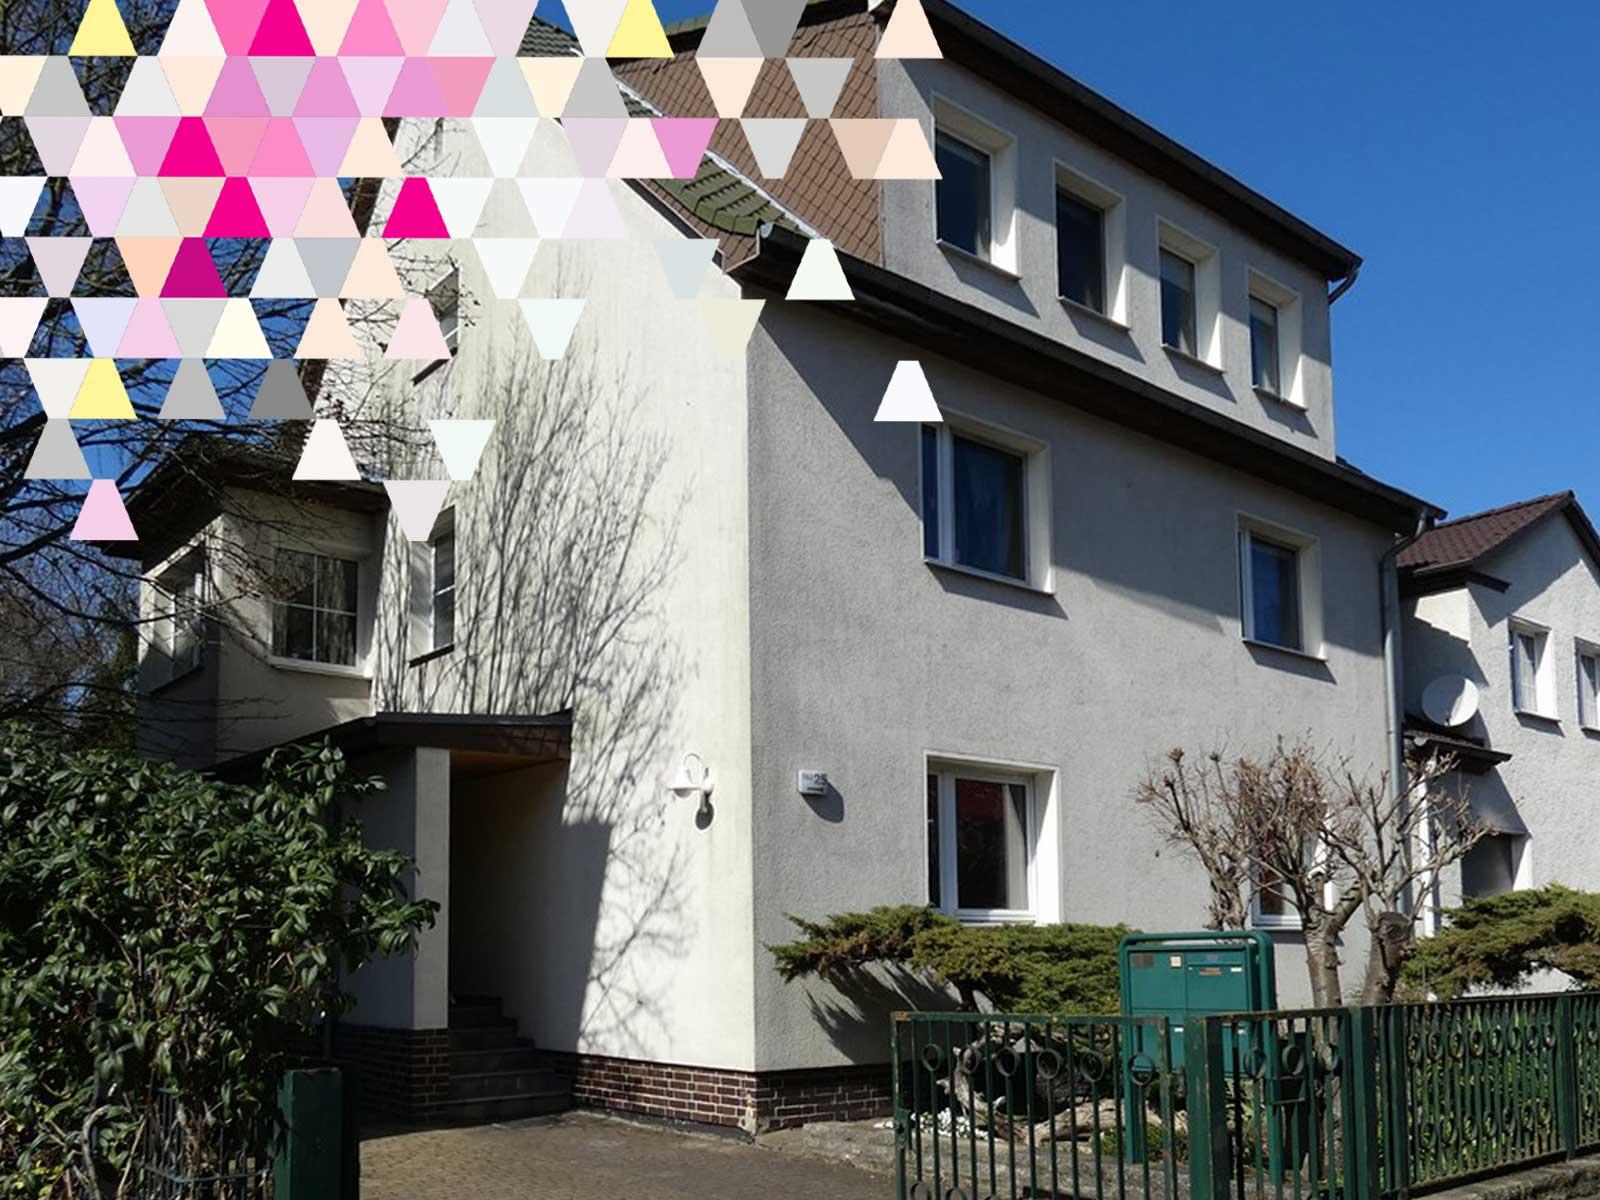 Referenz: Mehrfamilienhaus als Kapitalanlage in Berlin Alt-Hohenschönhausen